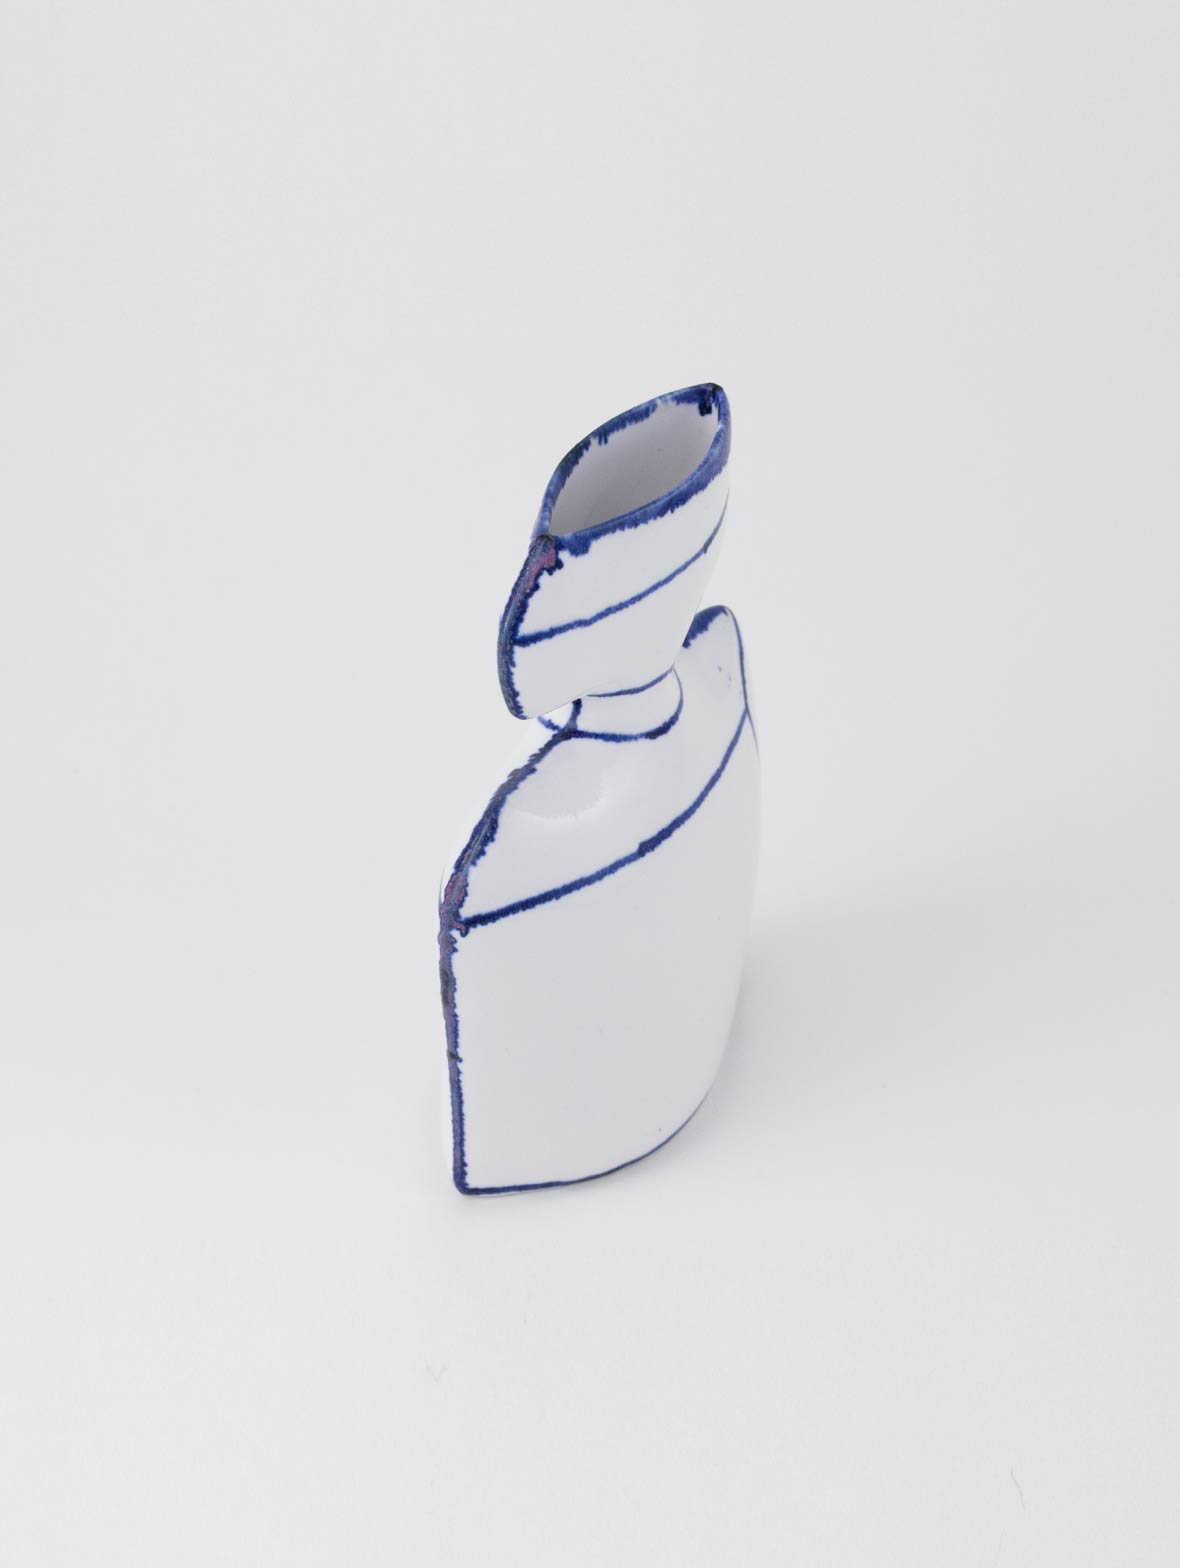 【TK】香水瓶のかびん